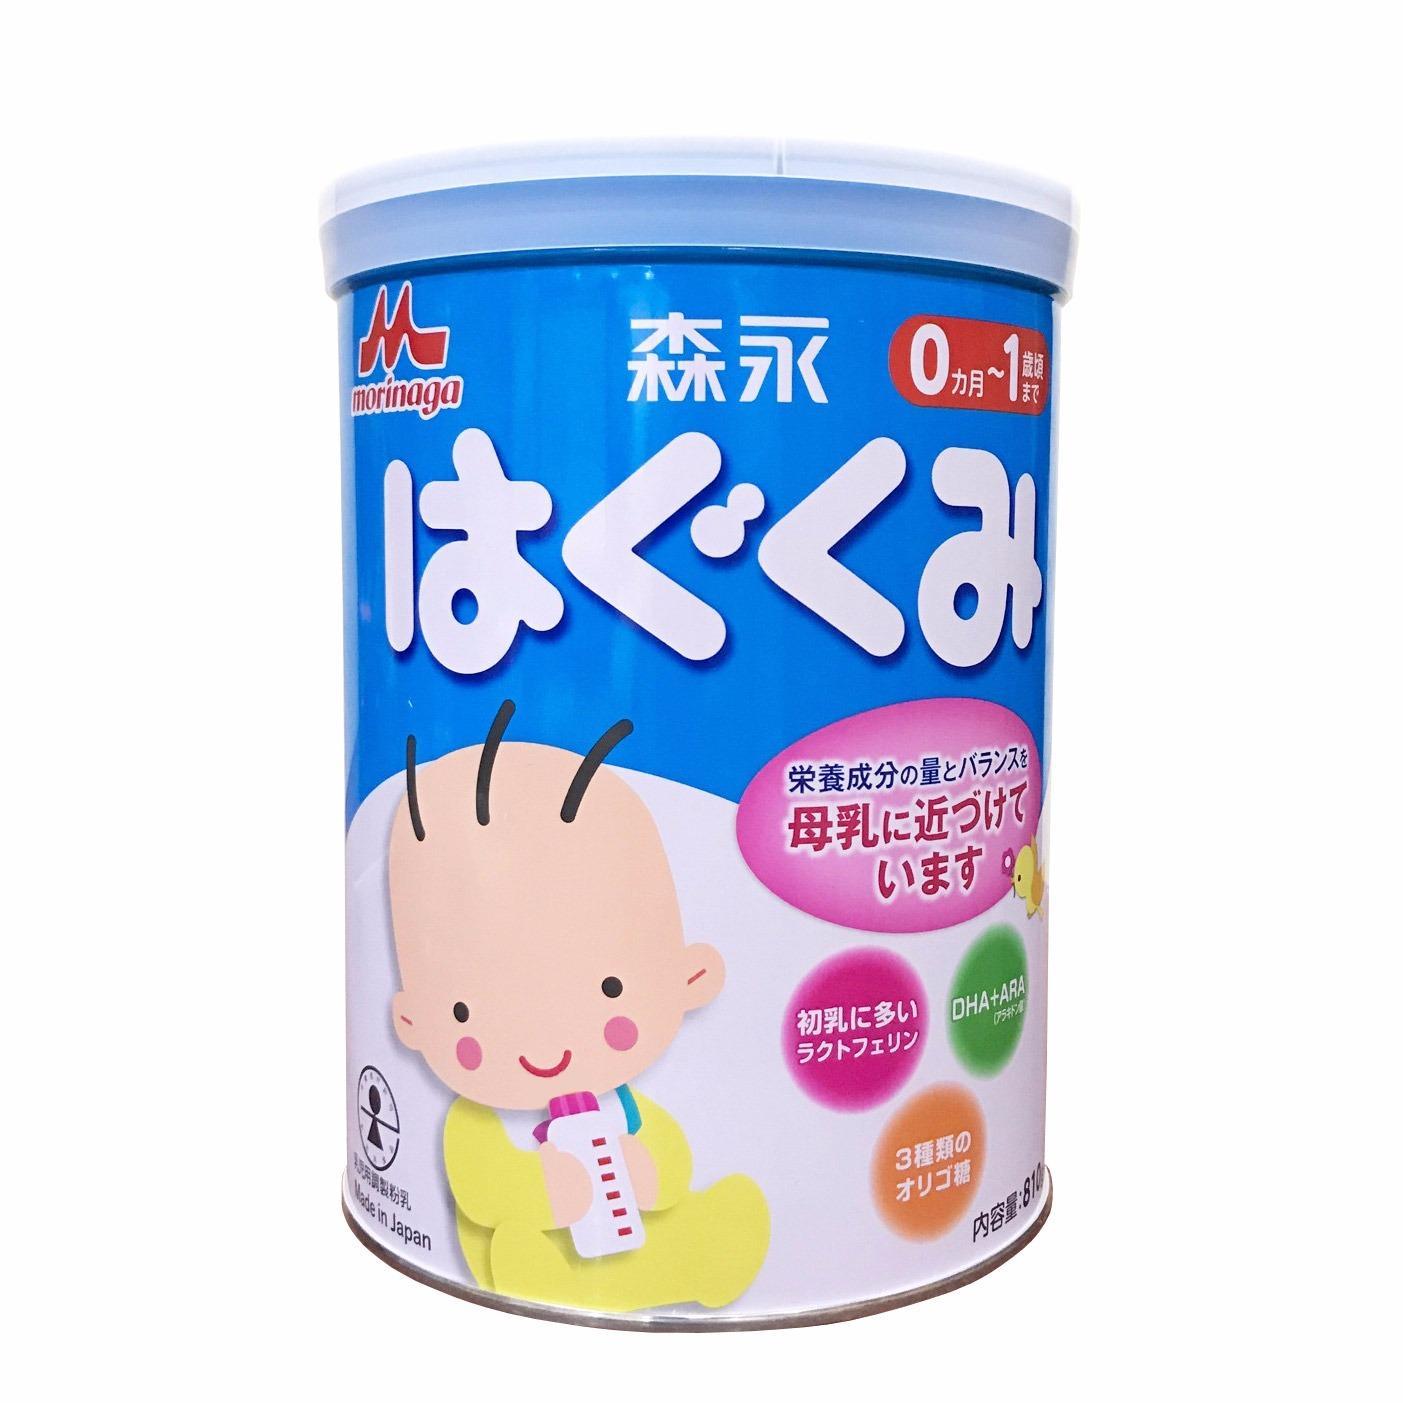 Bán Combo 2 Hộp Sữa Morinaga Nội Địa Hộp Số Trực Tuyến